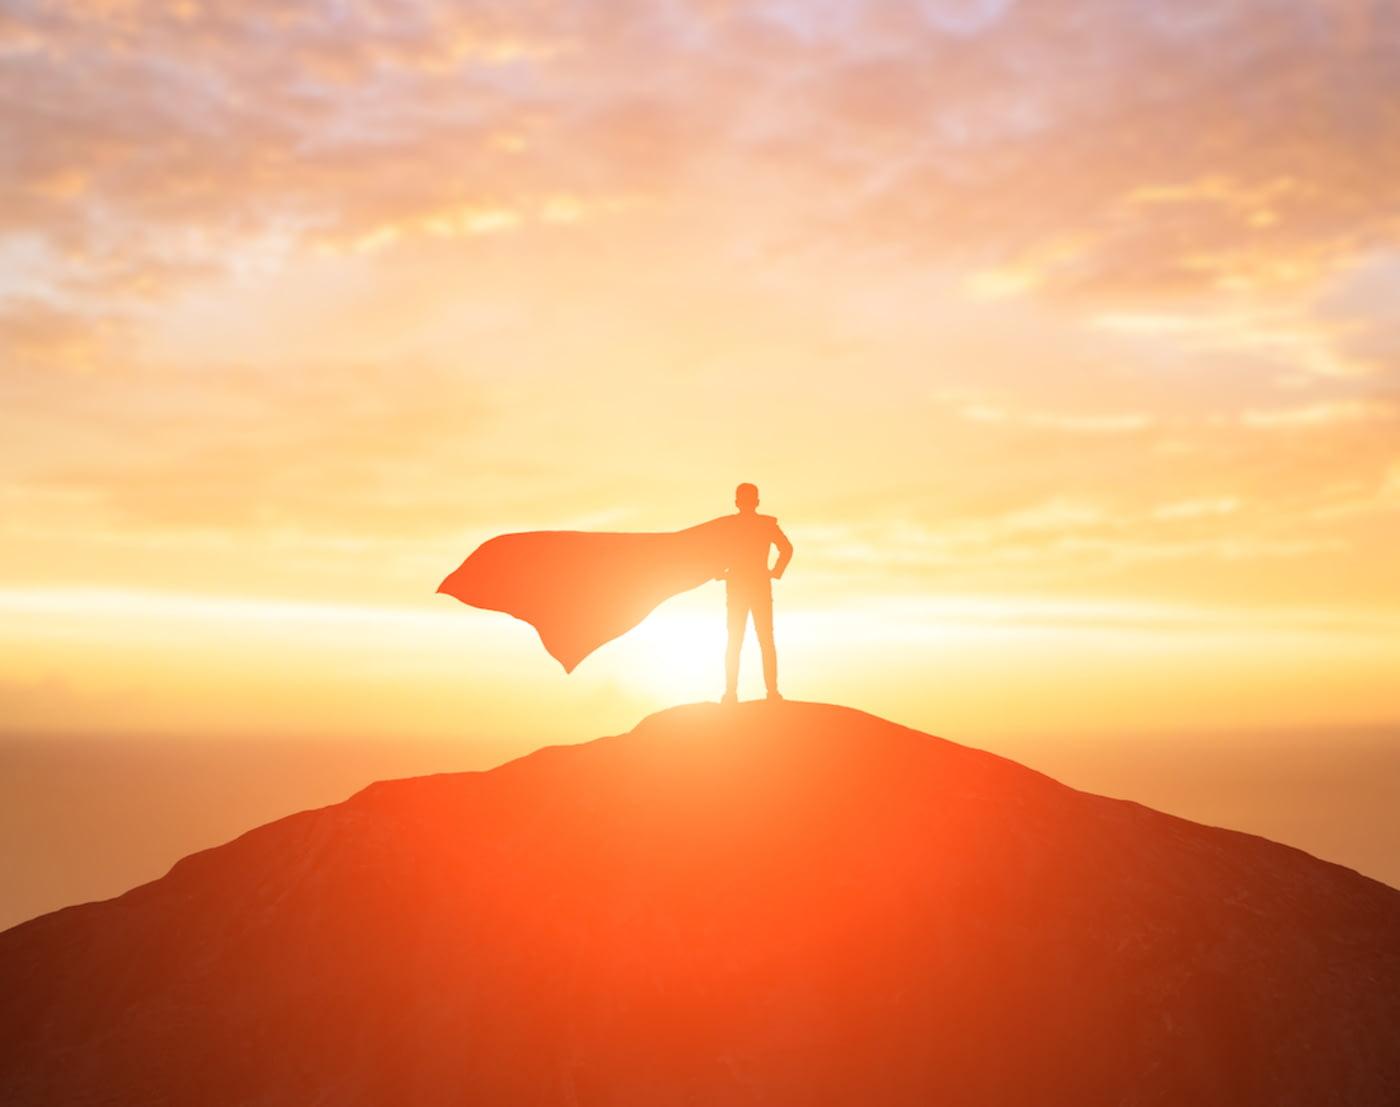 Mann mit Superhelden-Umhang steht auf einem Hügel vor dem Sonnenuntergang